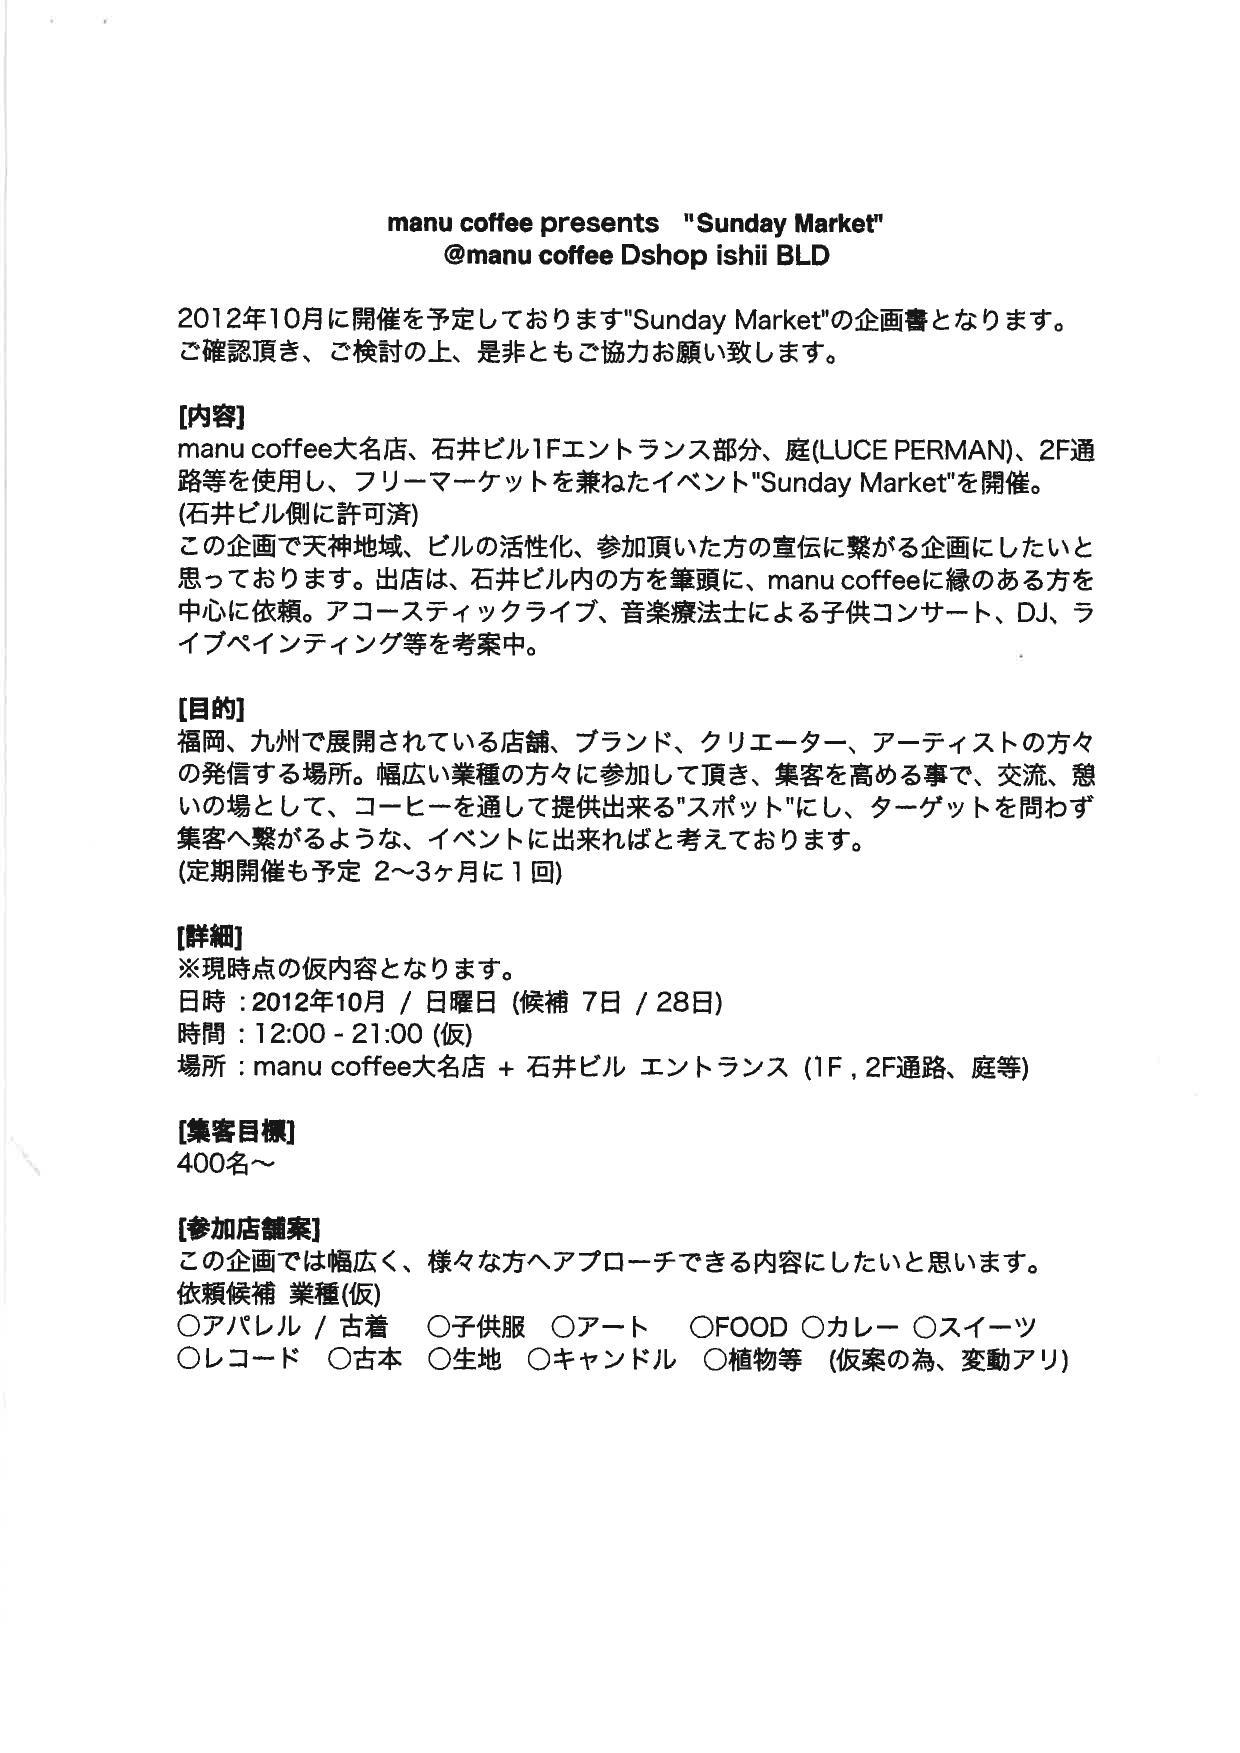 """石井ビル""""sunday market""""企画書1"""